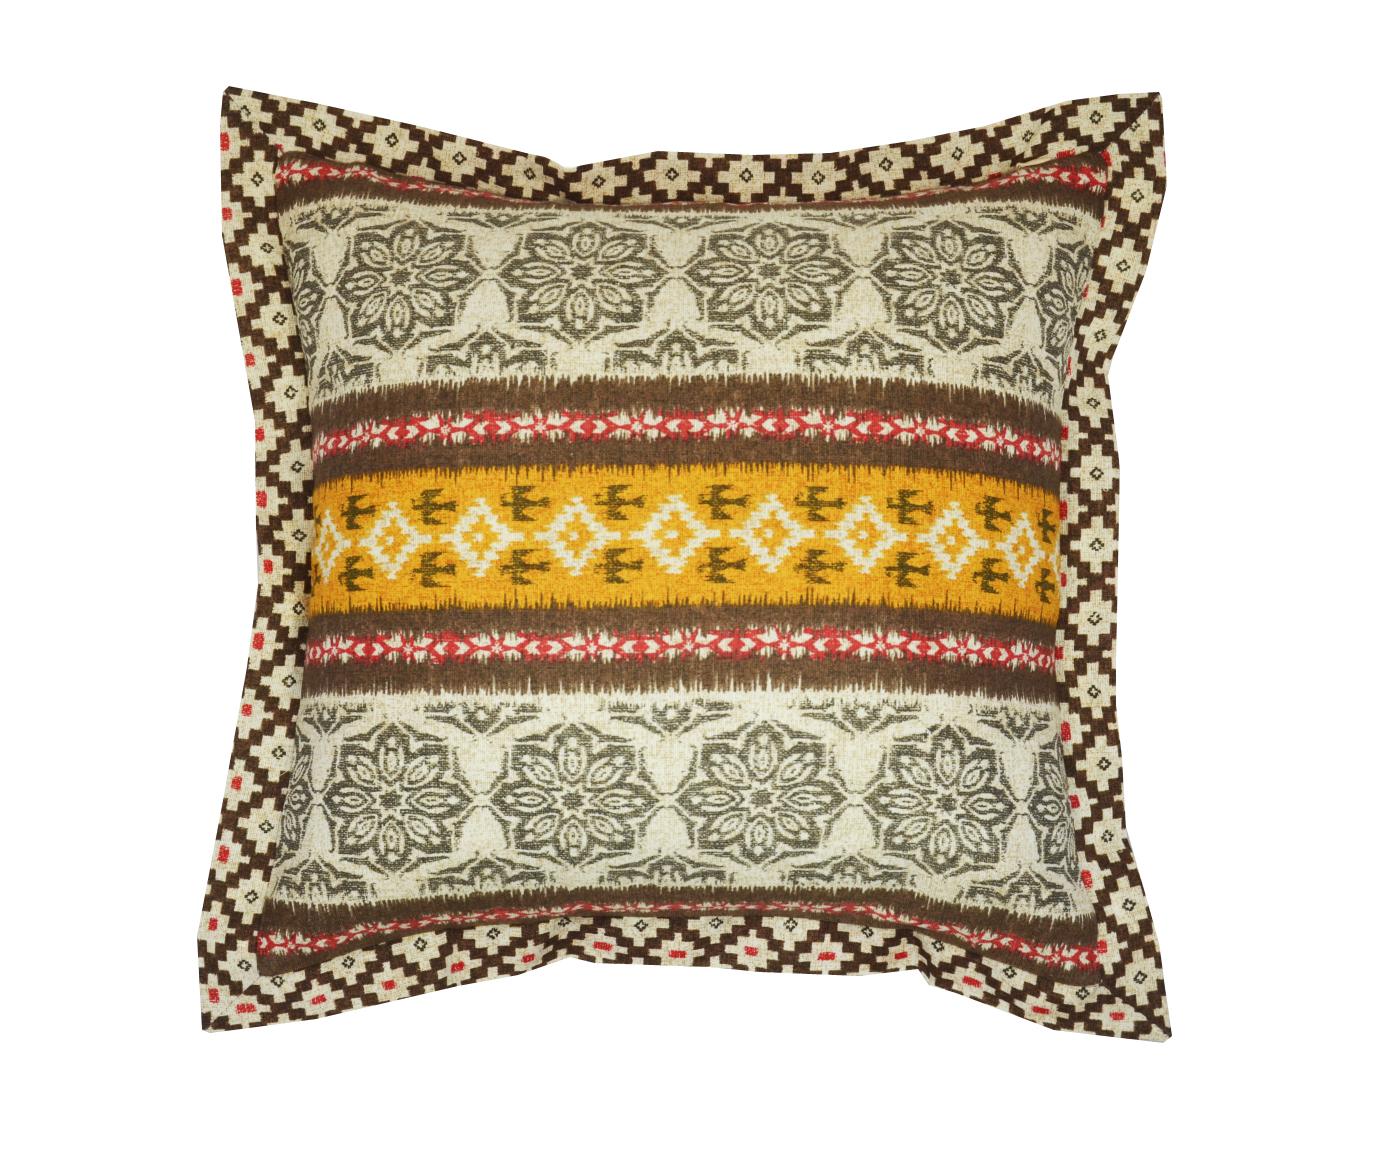 Подушка GranadaКвадратные подушки<br>Декоративная  подушка .Чехол съемный.<br><br>Material: Хлопок<br>Length см: None<br>Width см: 40<br>Depth см: 15<br>Height см: 40